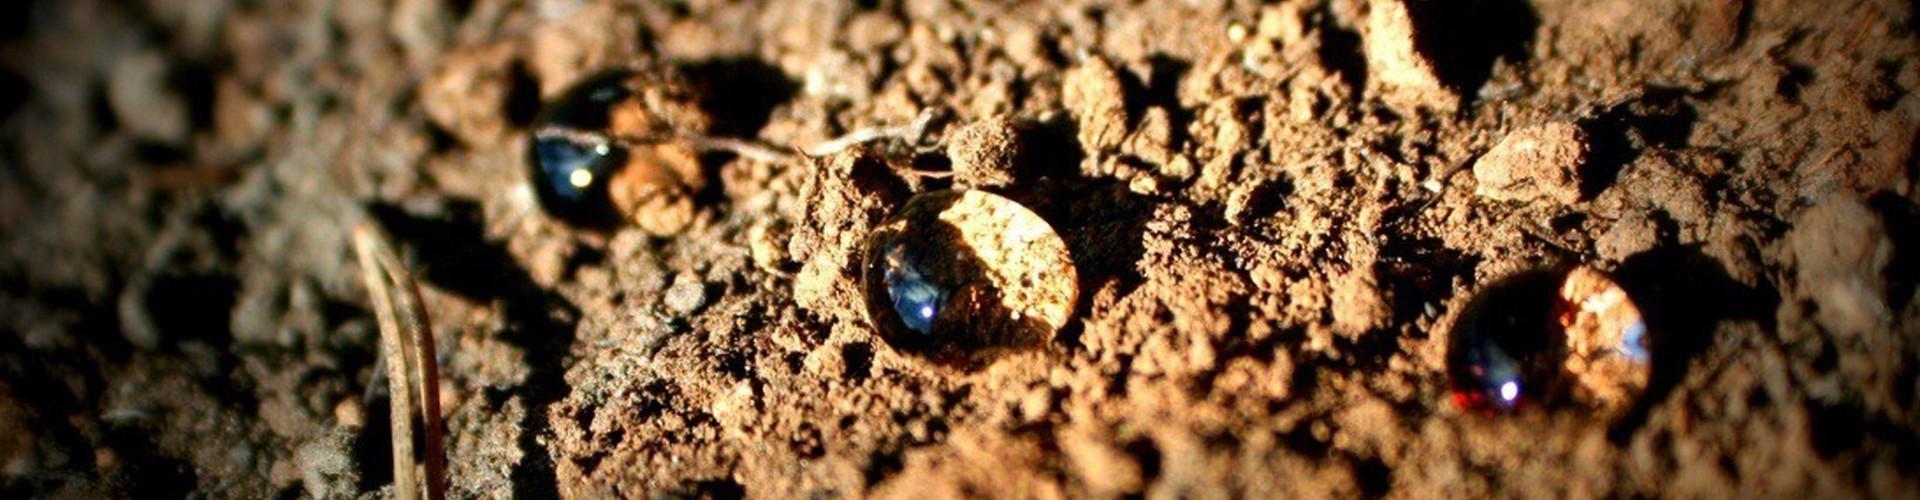 Soil water repellency (Credit: Antonio Jordán, distributed via imaggeo.egu.eu)